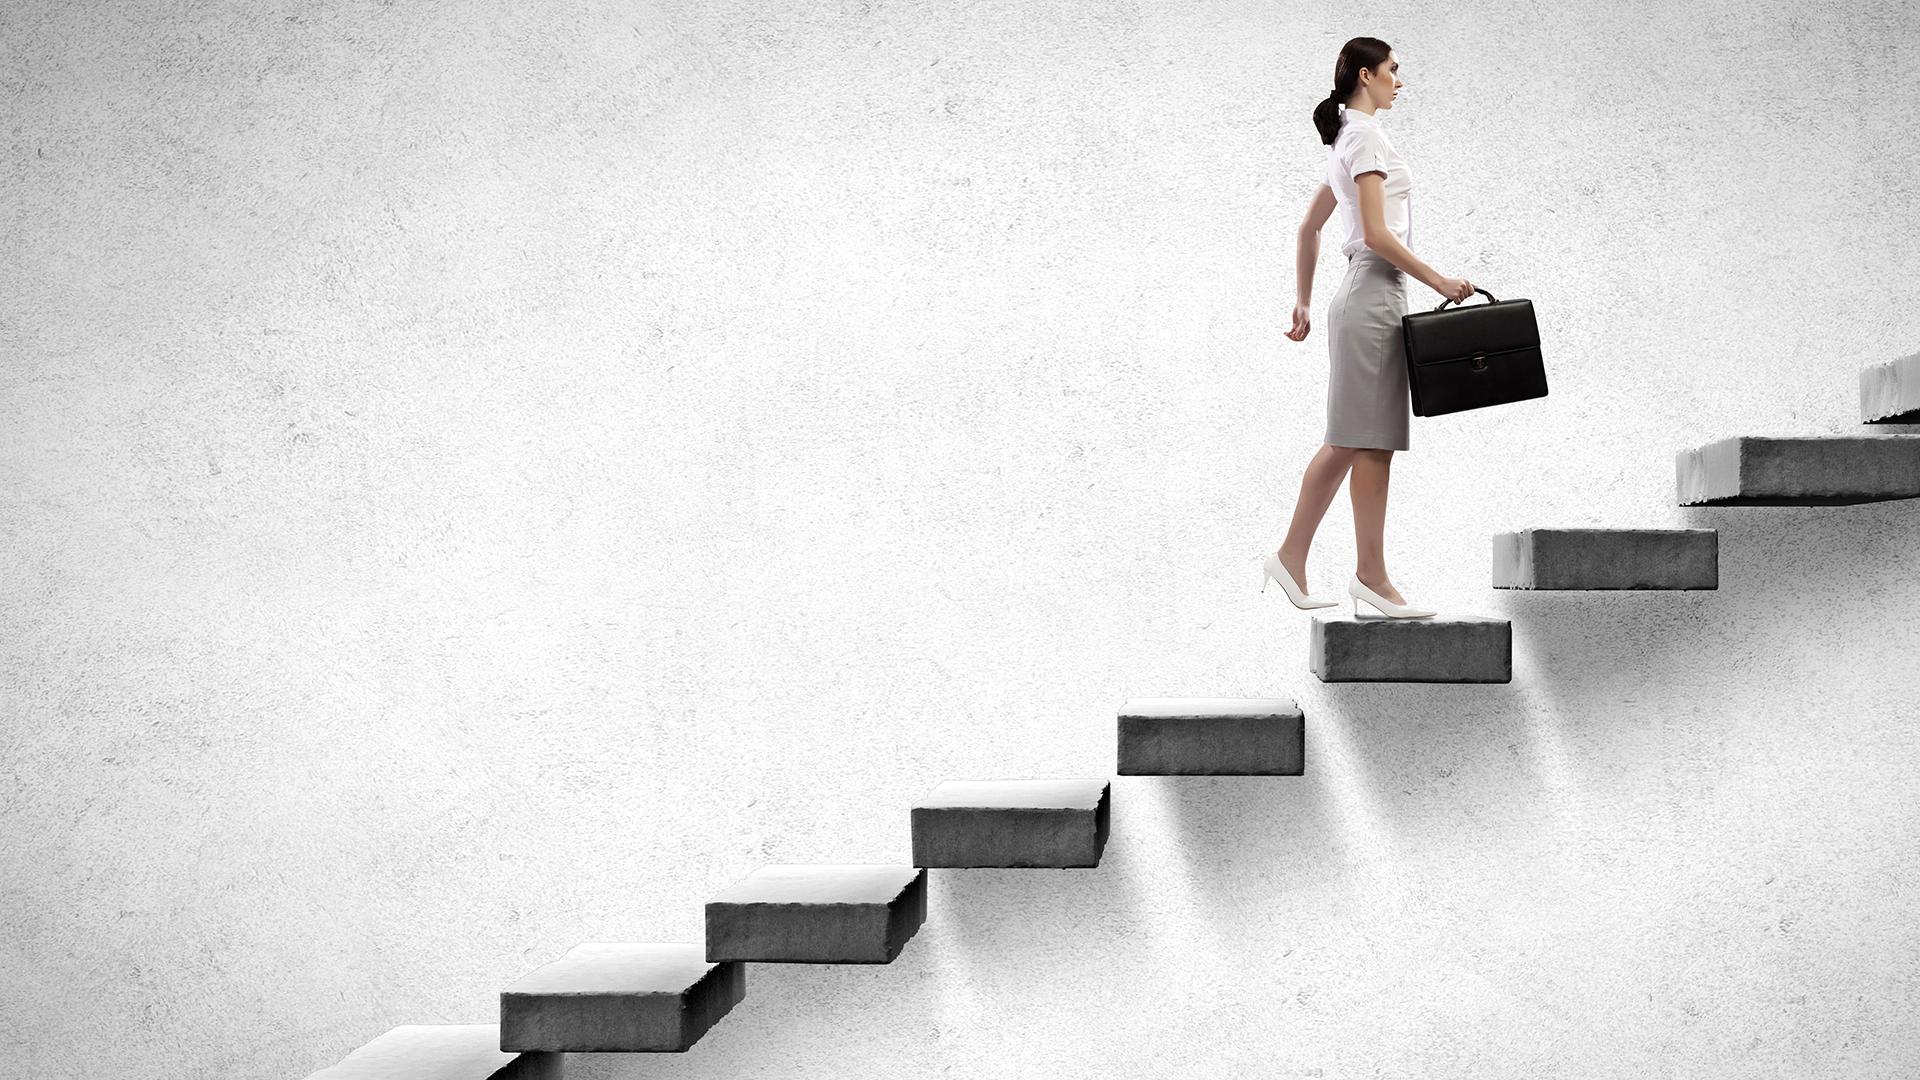 Pequeños cambios en la rutina diaria pueden derivar en beneficios para la salud (Shutterstock)